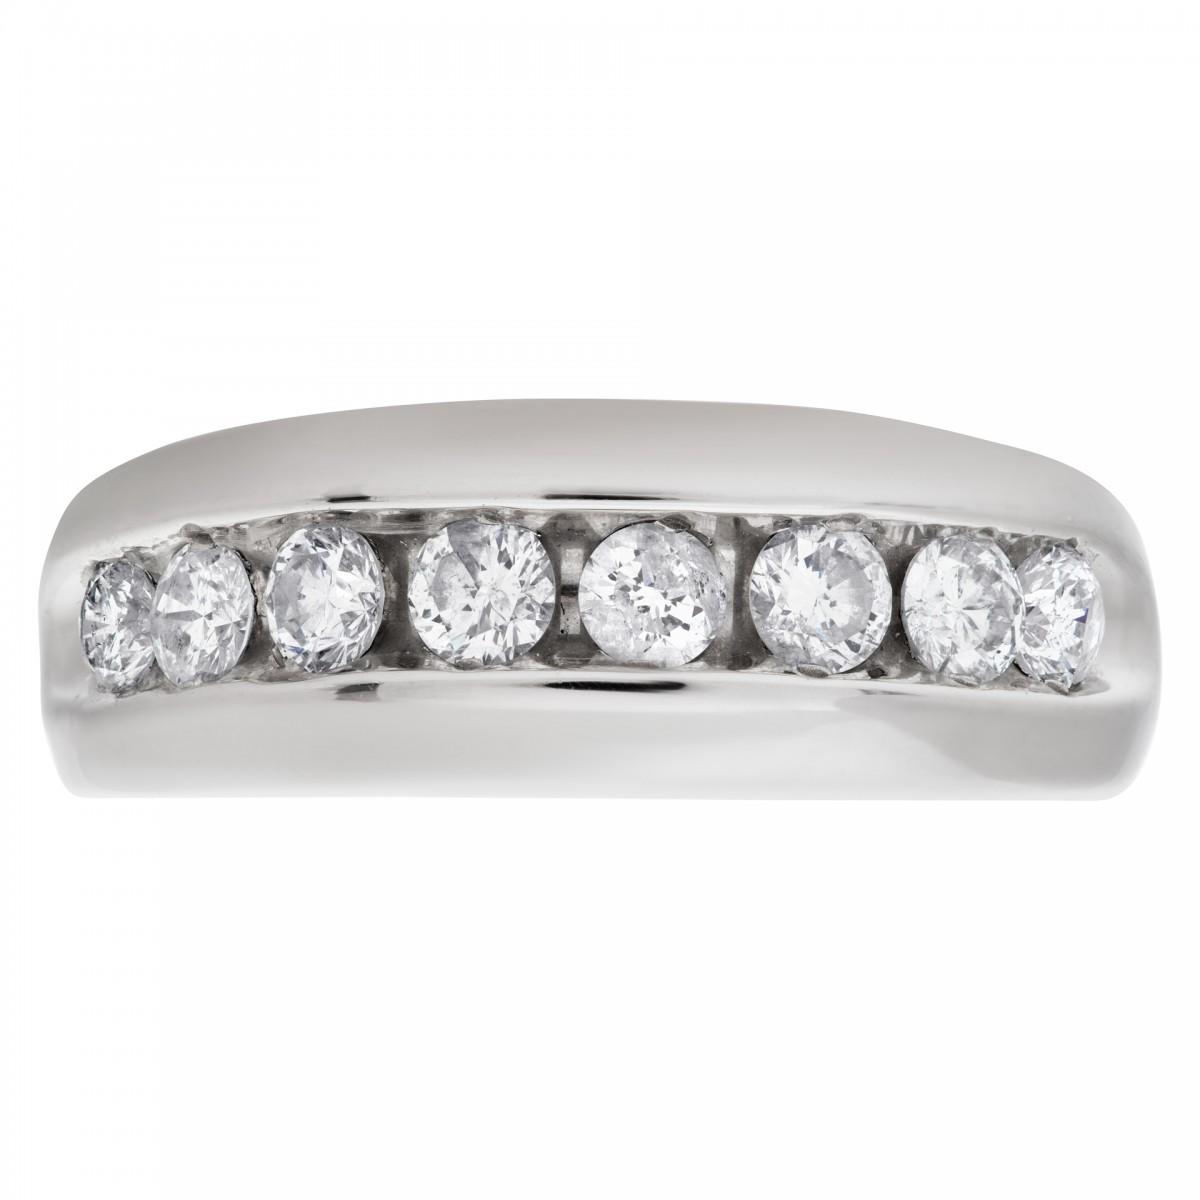 S Diamond 14k White Gold Ring